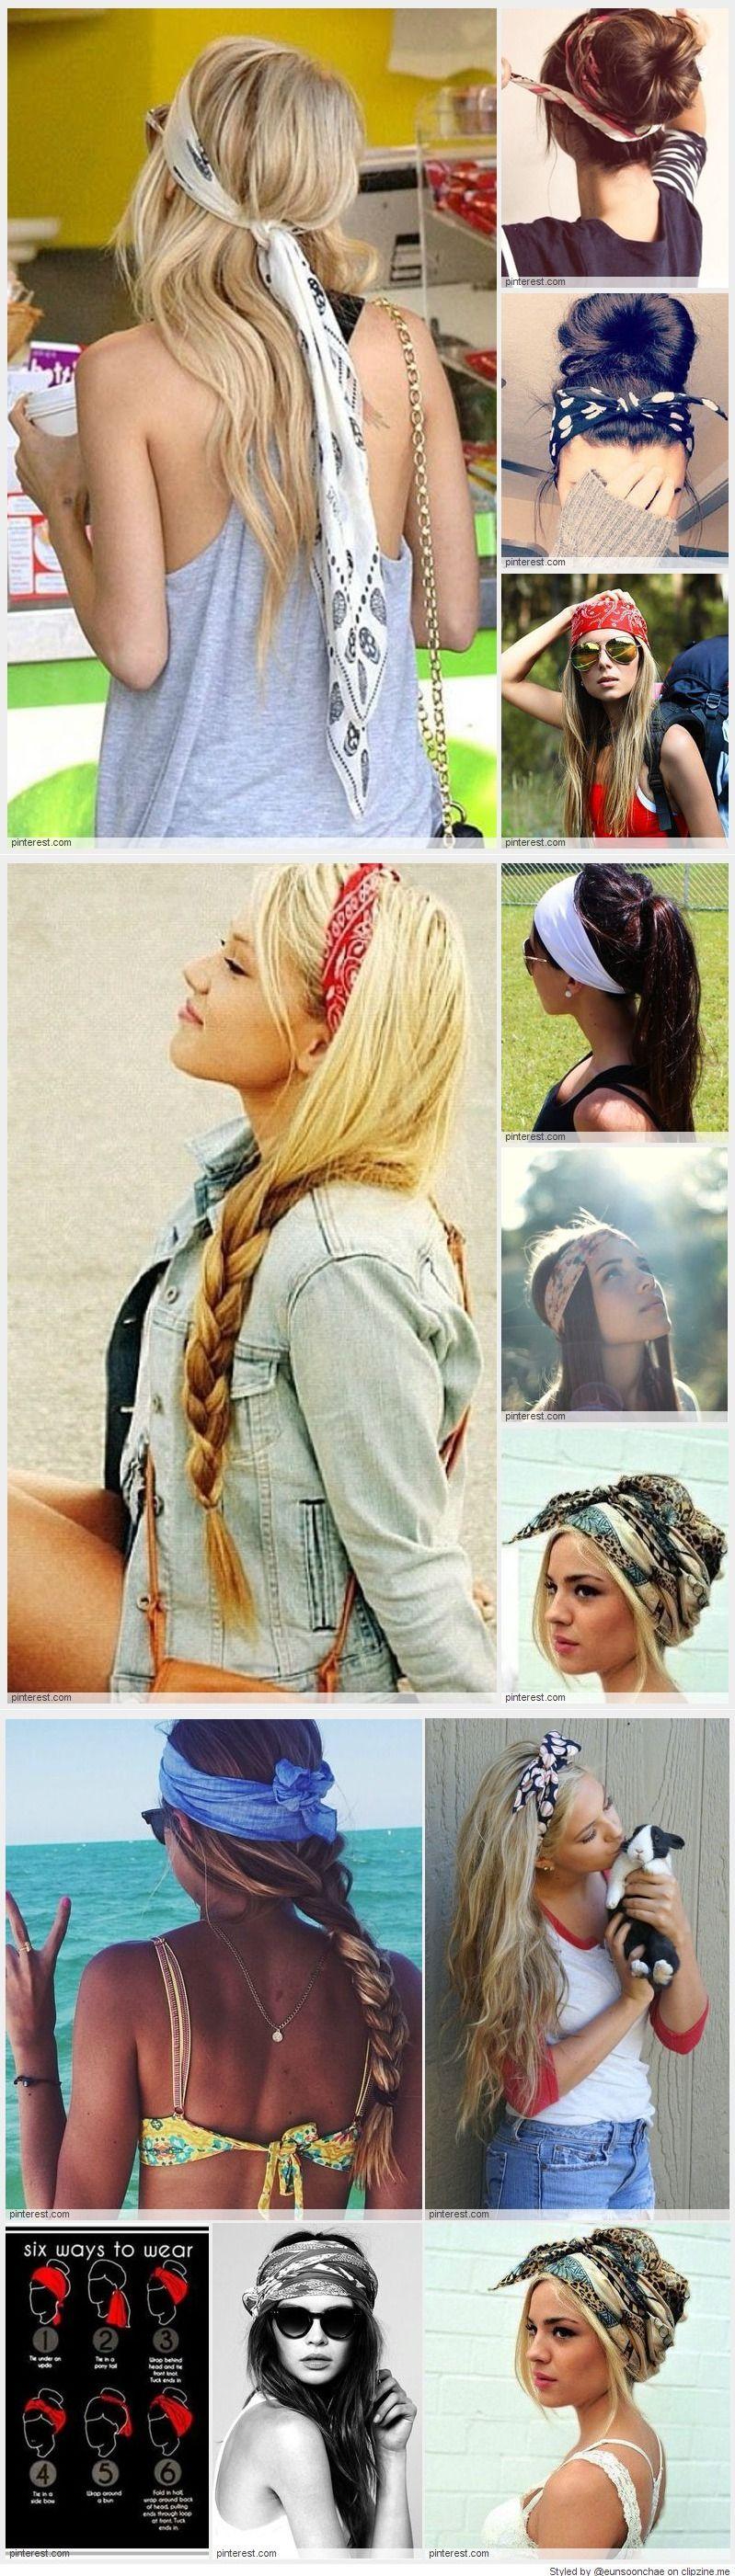 Bandas y algo mas accesorios pinterest bandanas hair style